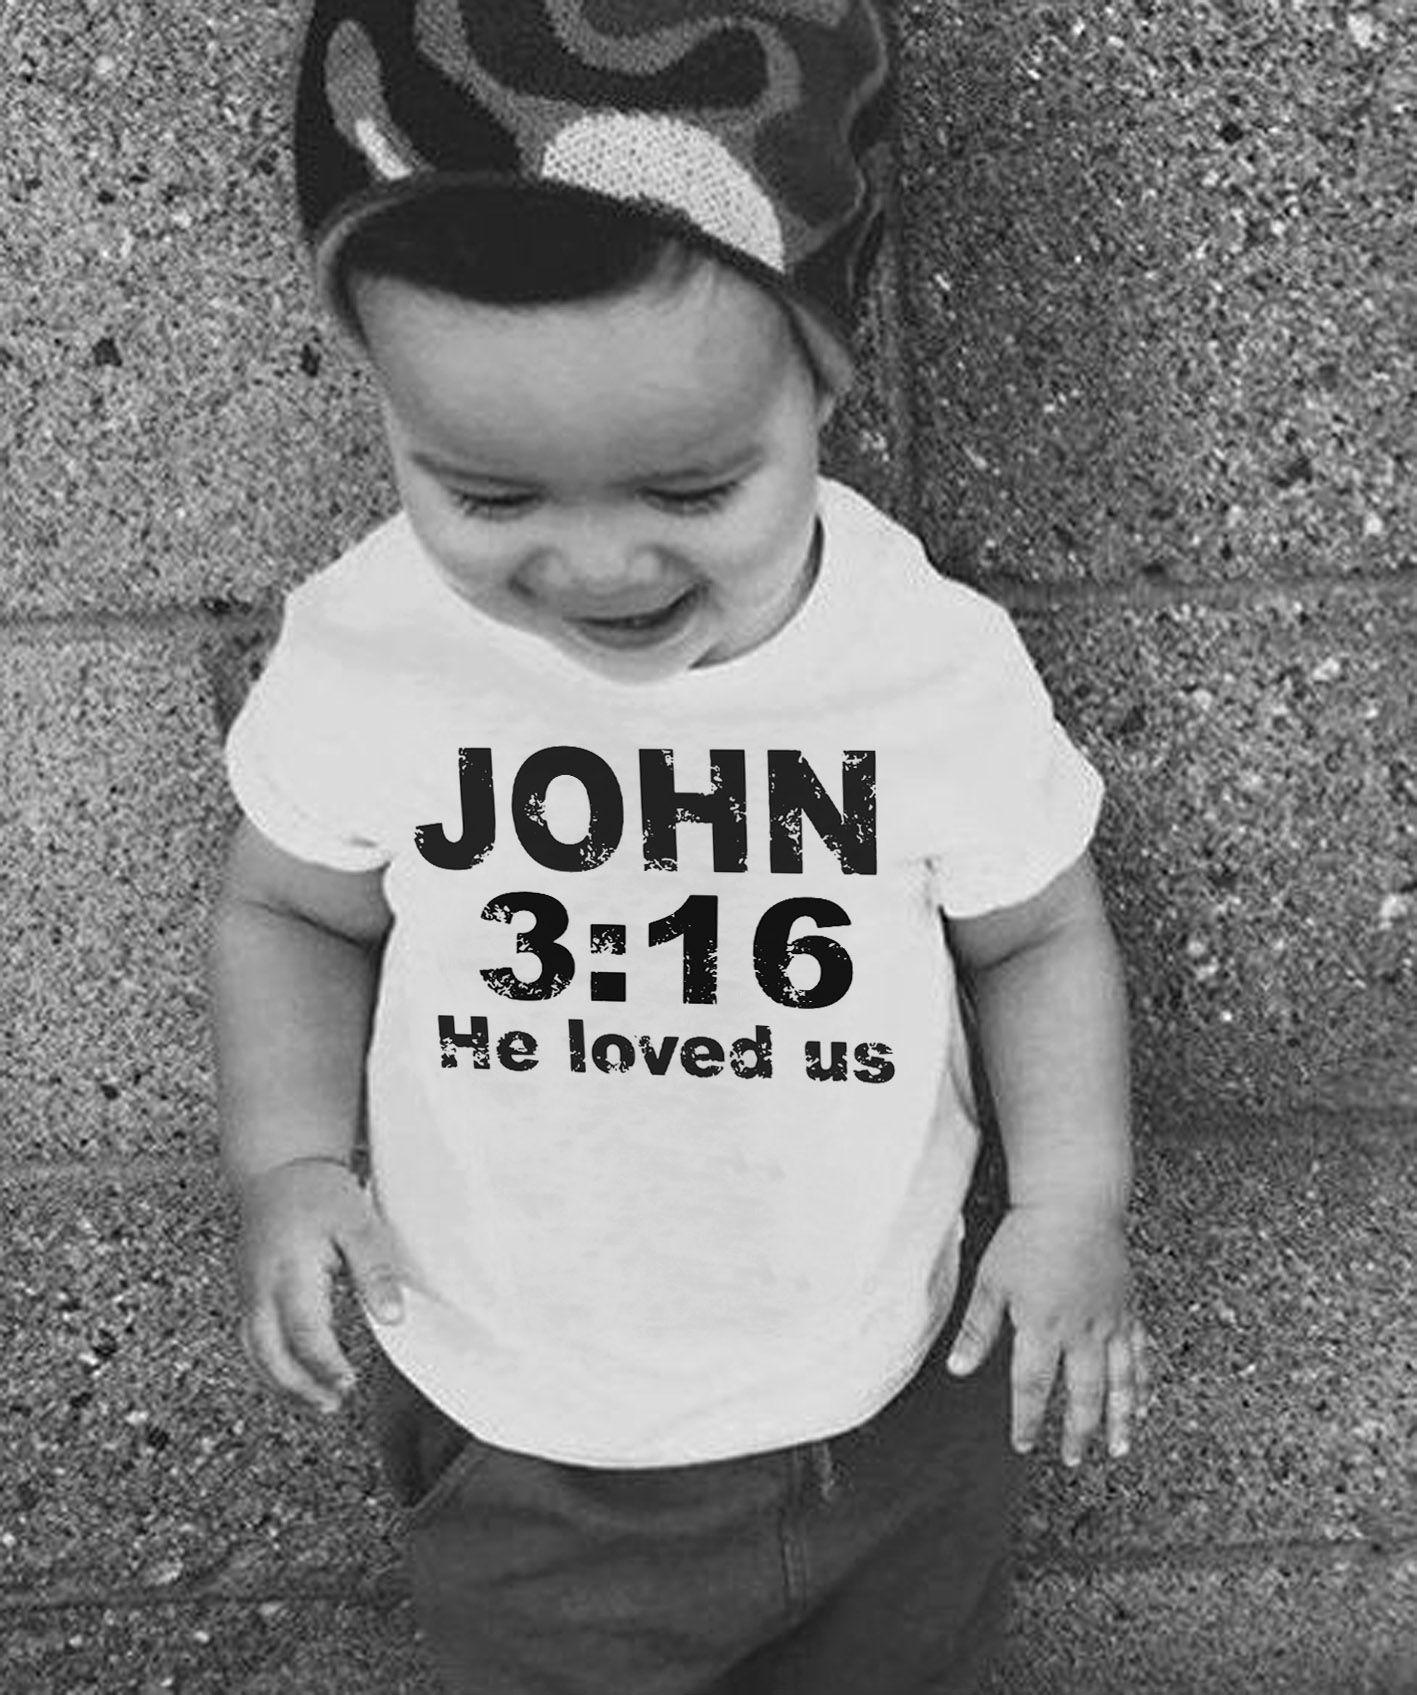 Camiseta  Gospel John 3:16  - White  - Baby Monster S/A